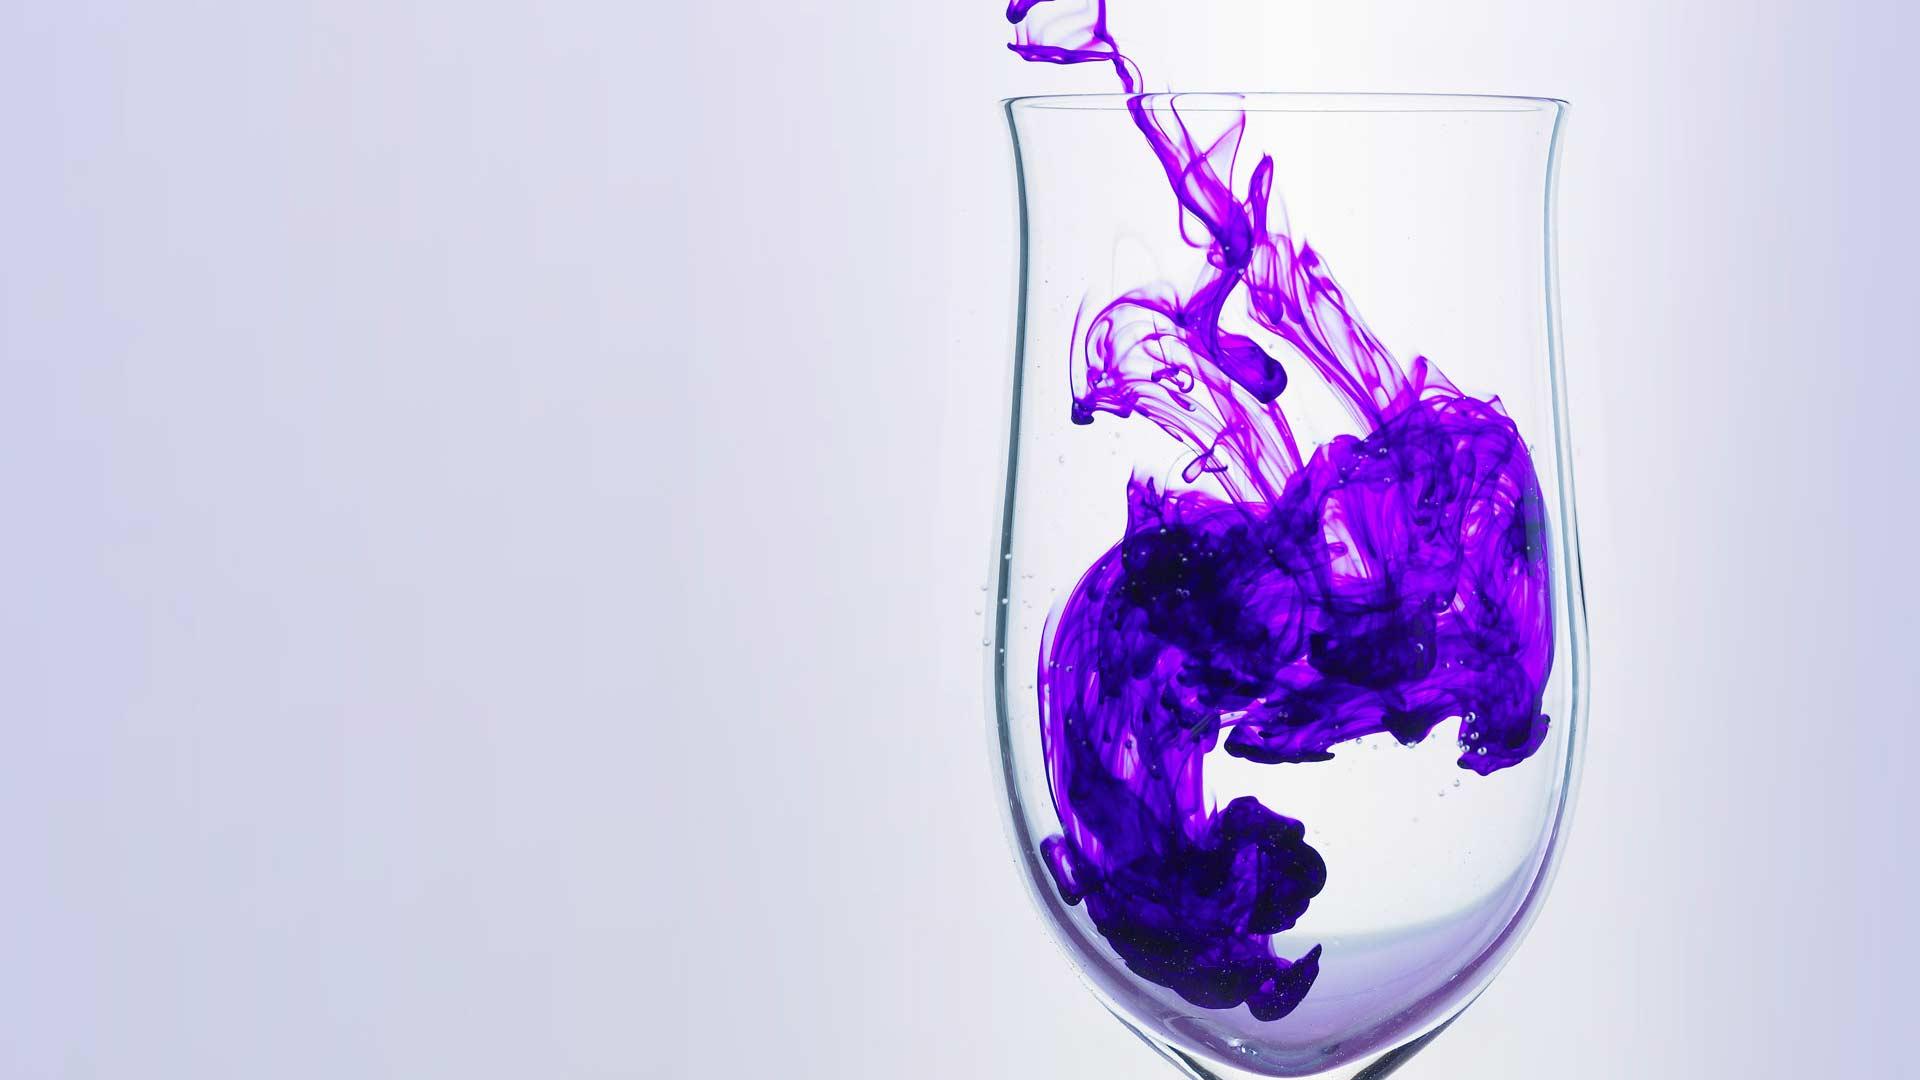 10 самых дорогих жидкостей в мире